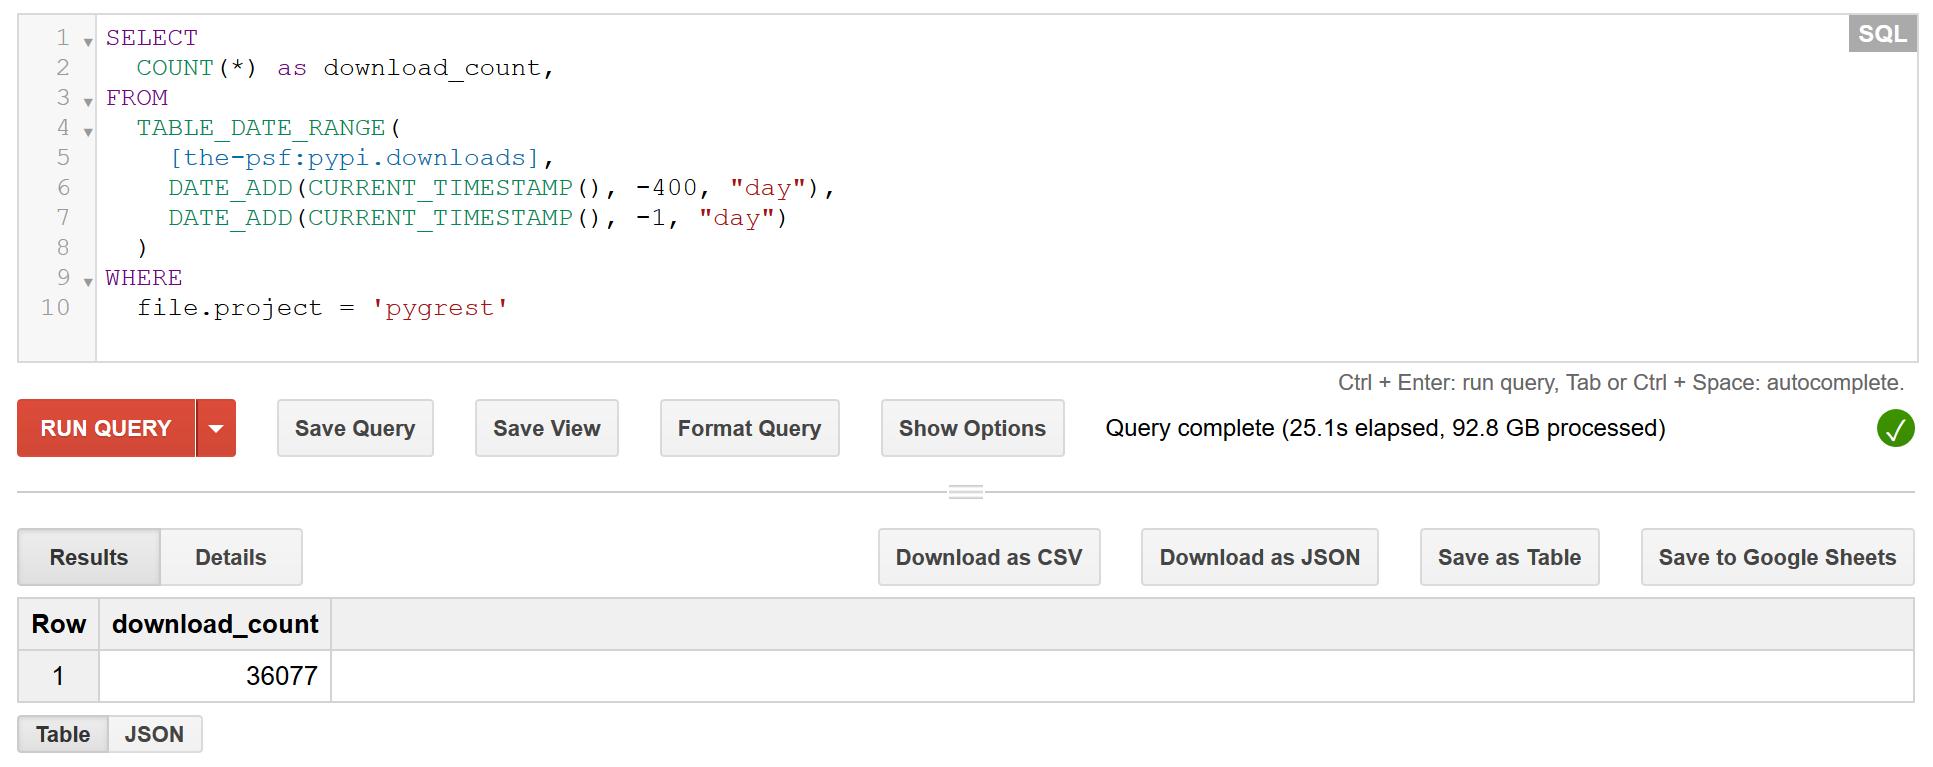 تعداد دانلود پروژه gREST بر مبنای اطلاعات دیتاست the-psf:pypi با استفاده از BigQuery گوگل